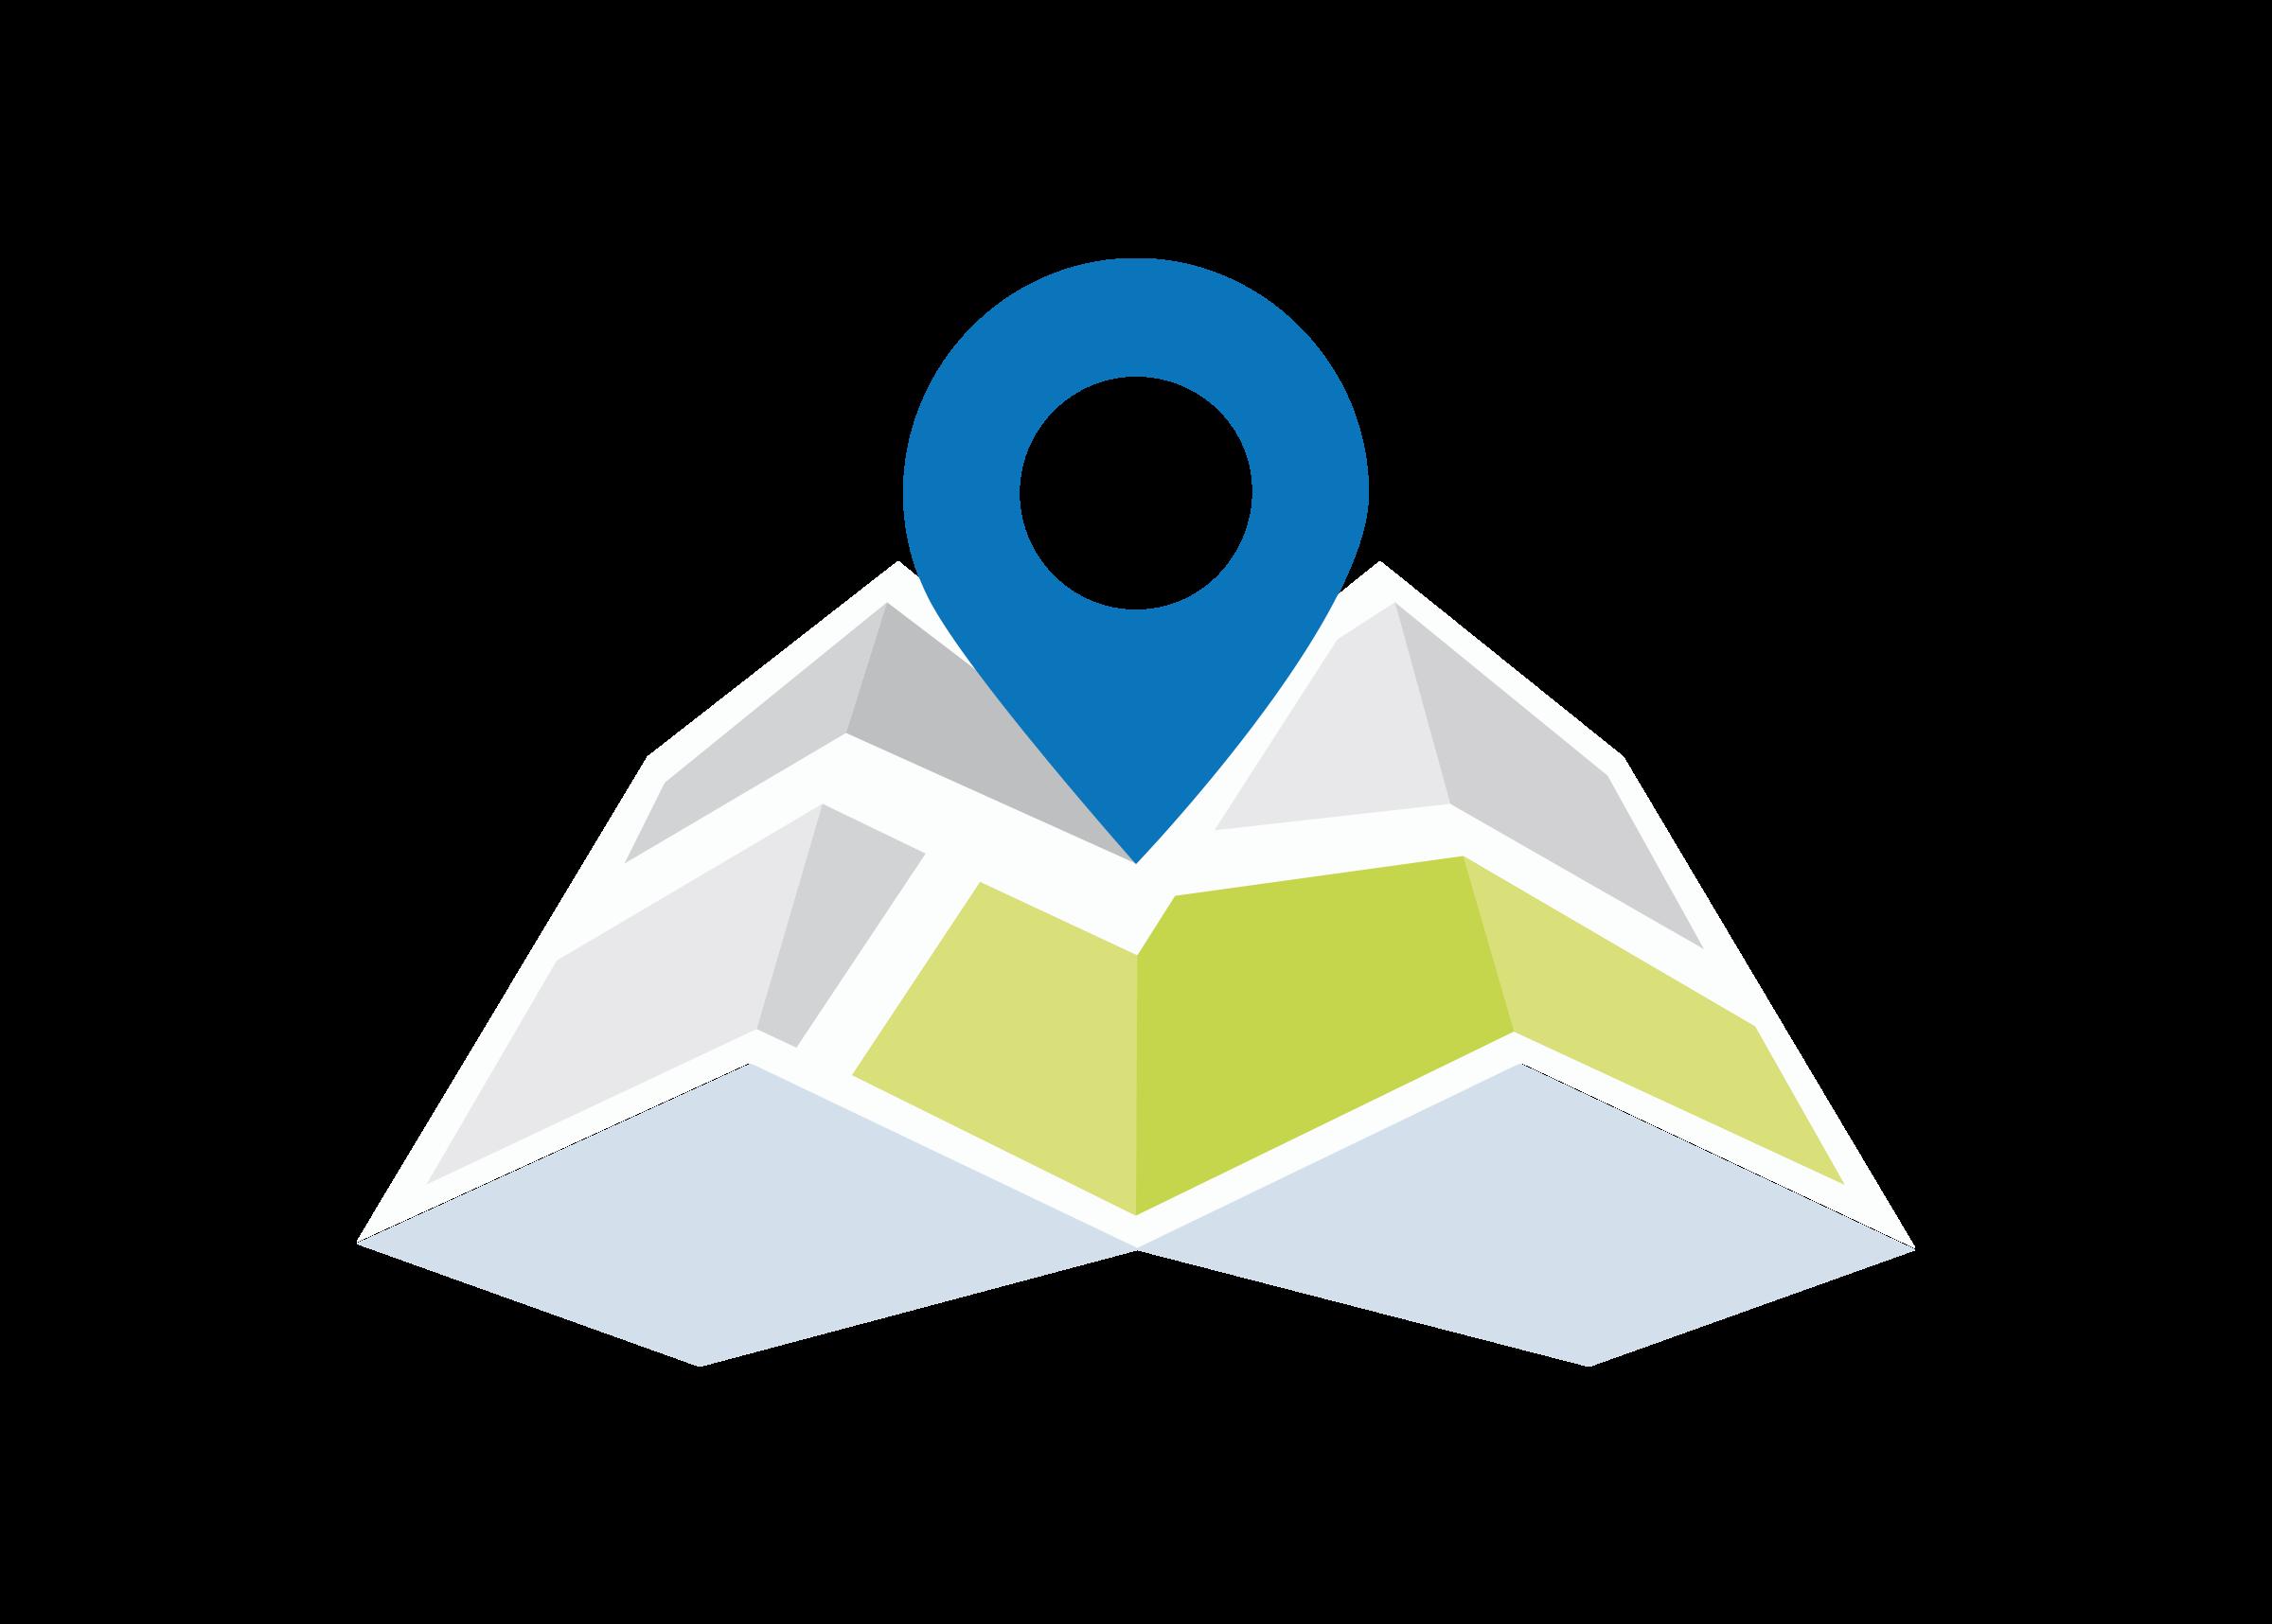 ondersteunende afbeelding van plattegrond in container terminal doesburg kleuren